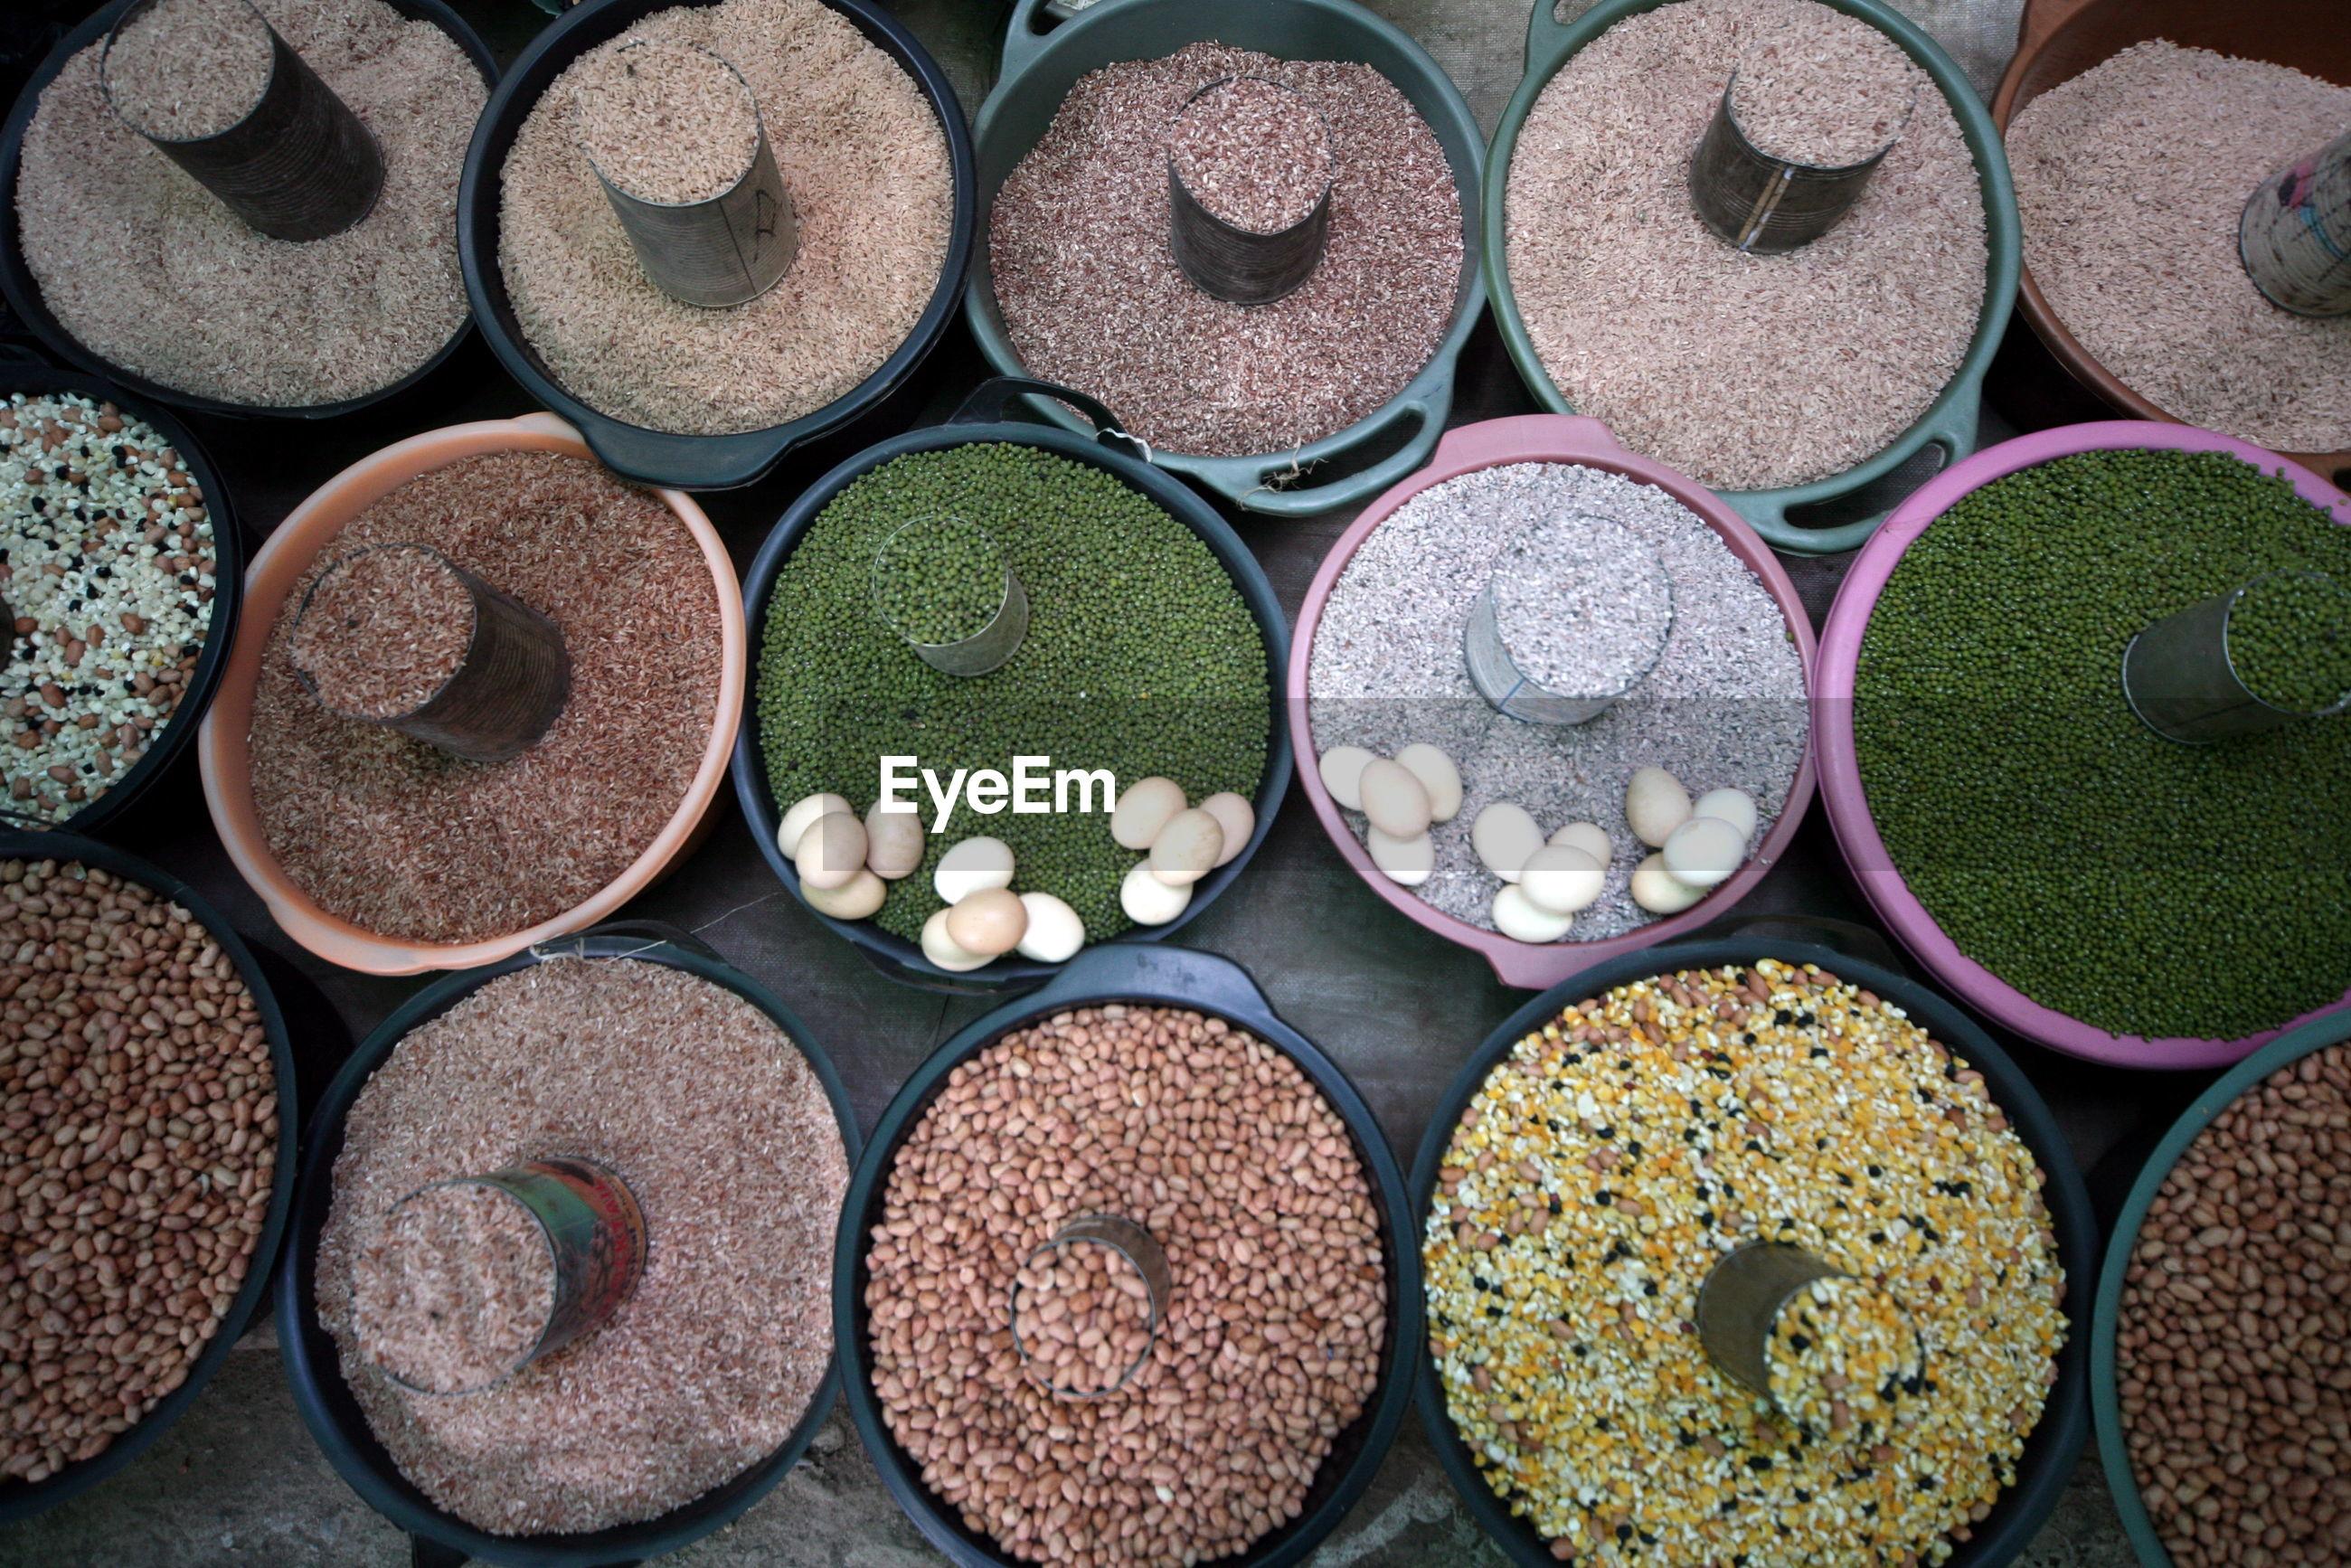 Wholegrain lentil beans at displayed grocer shop